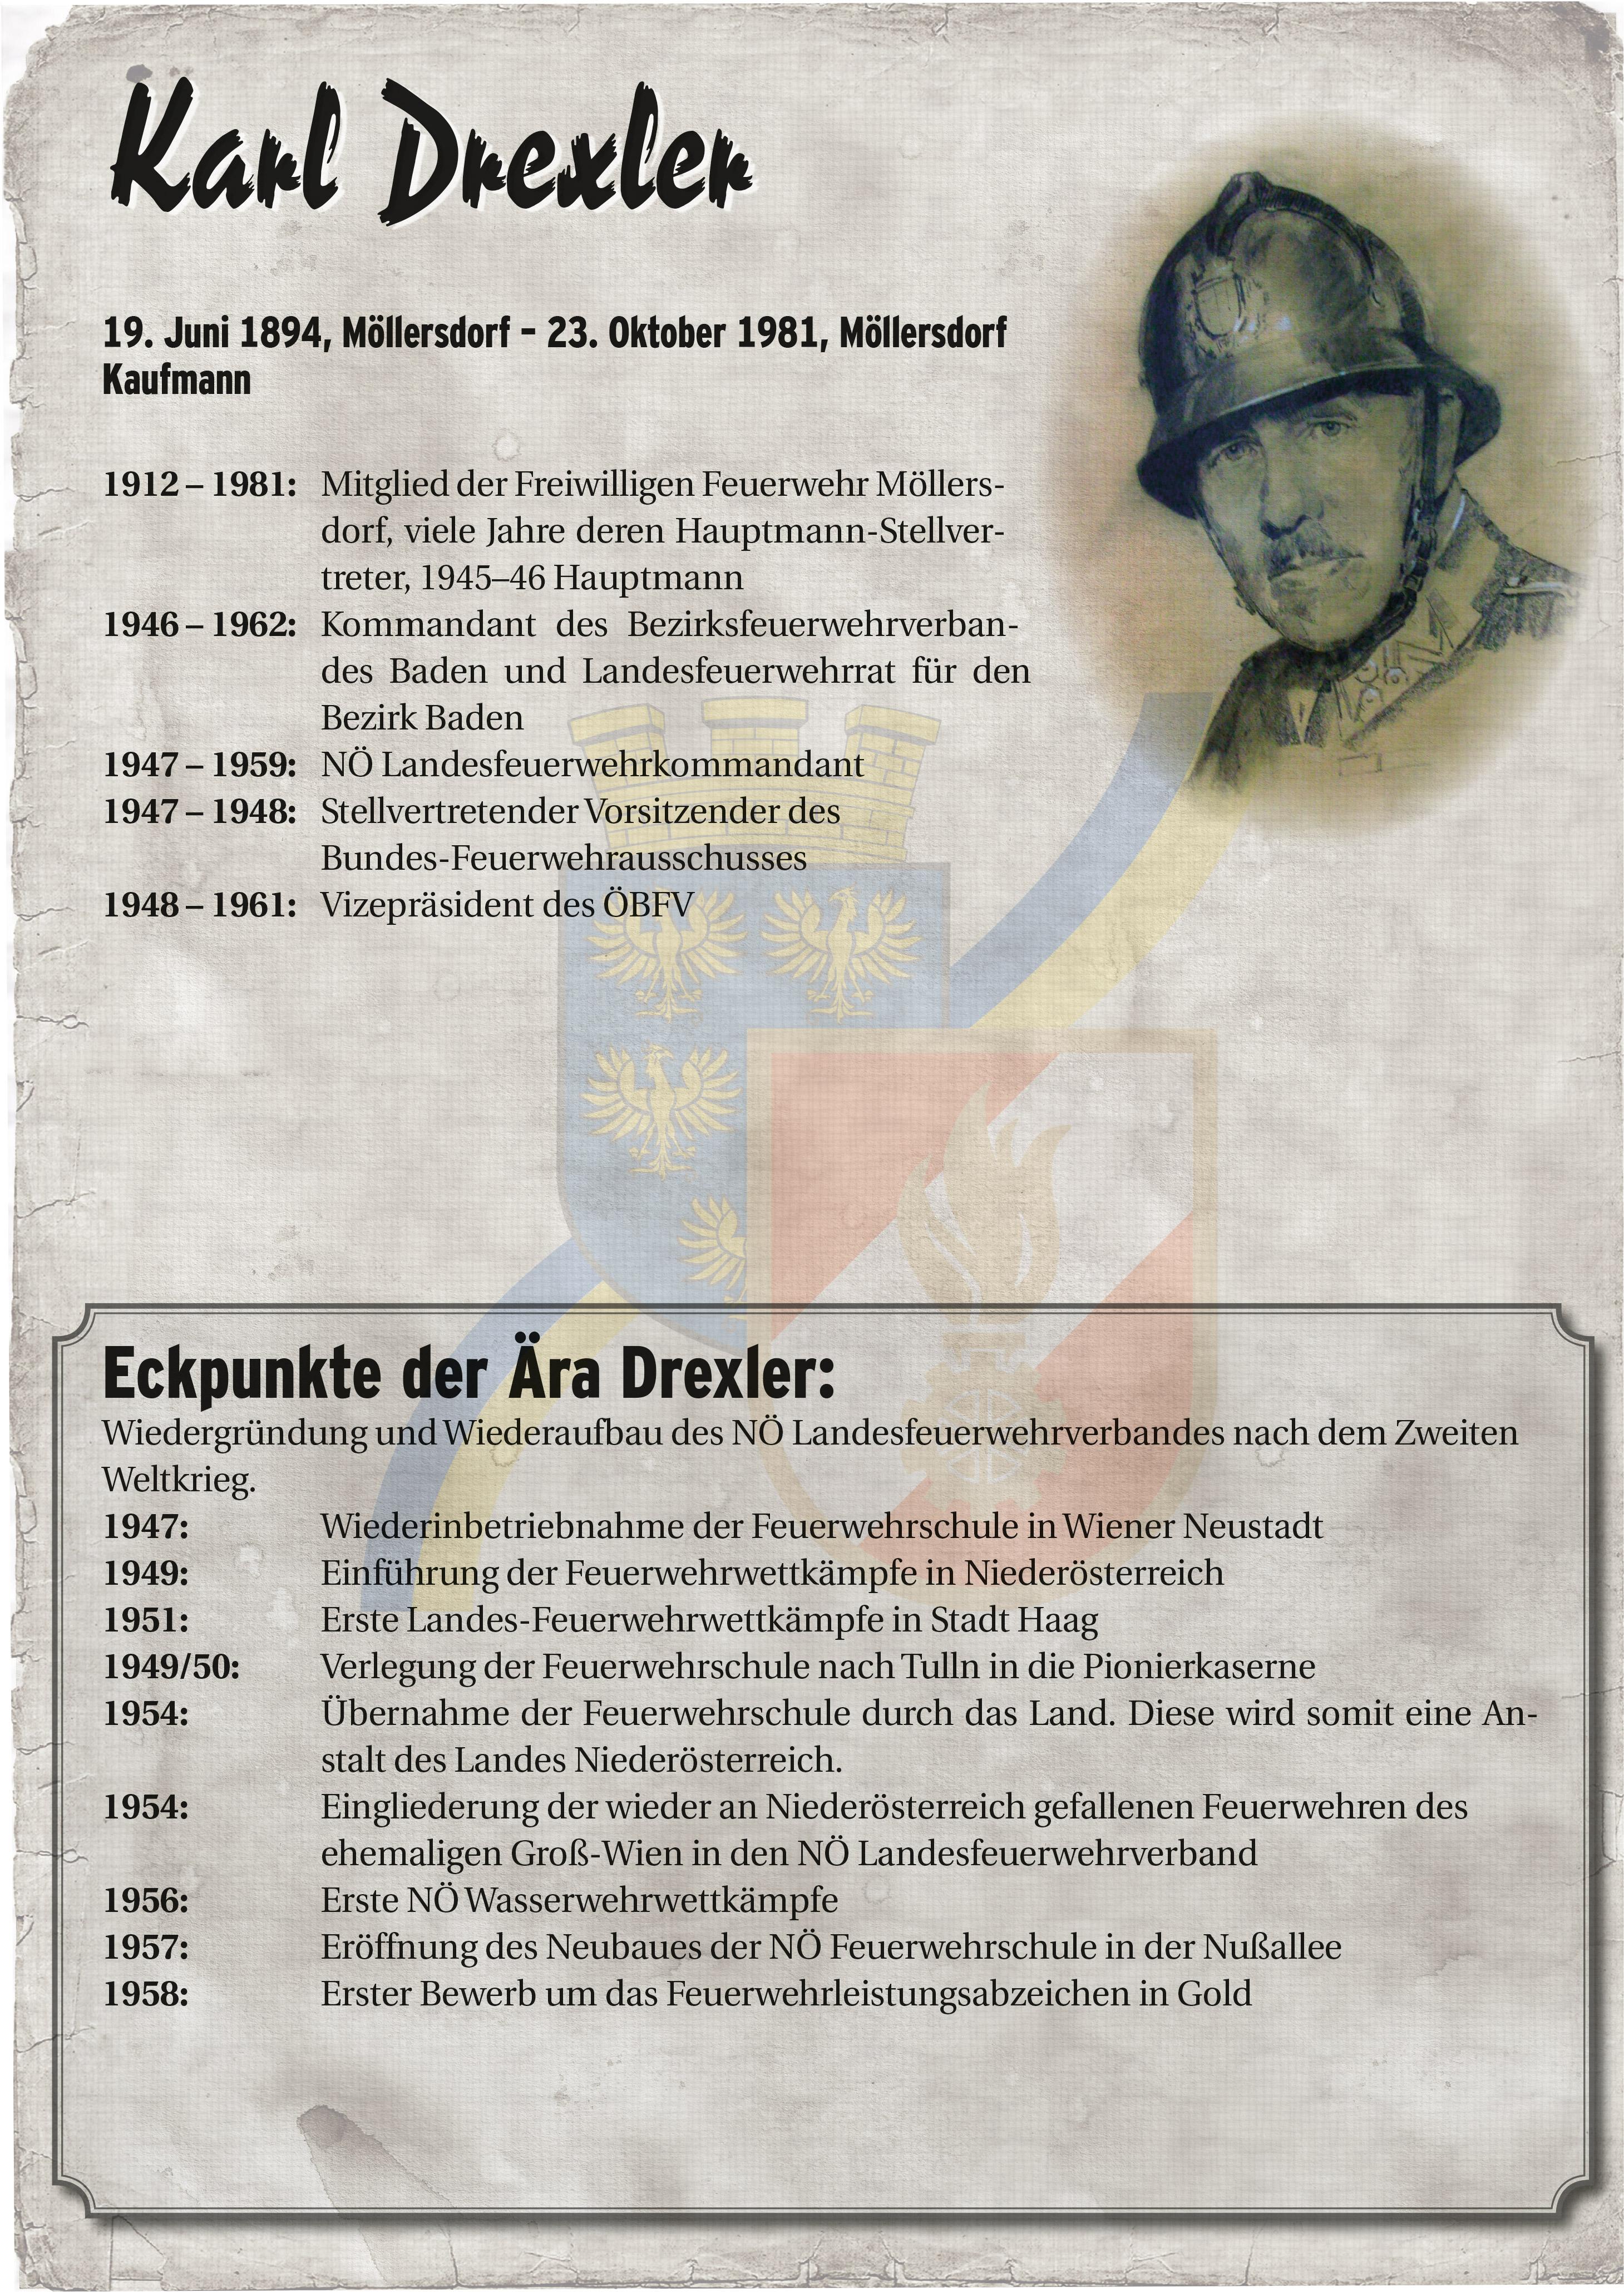 Infoblatt zur Zeit von Karl Drexler